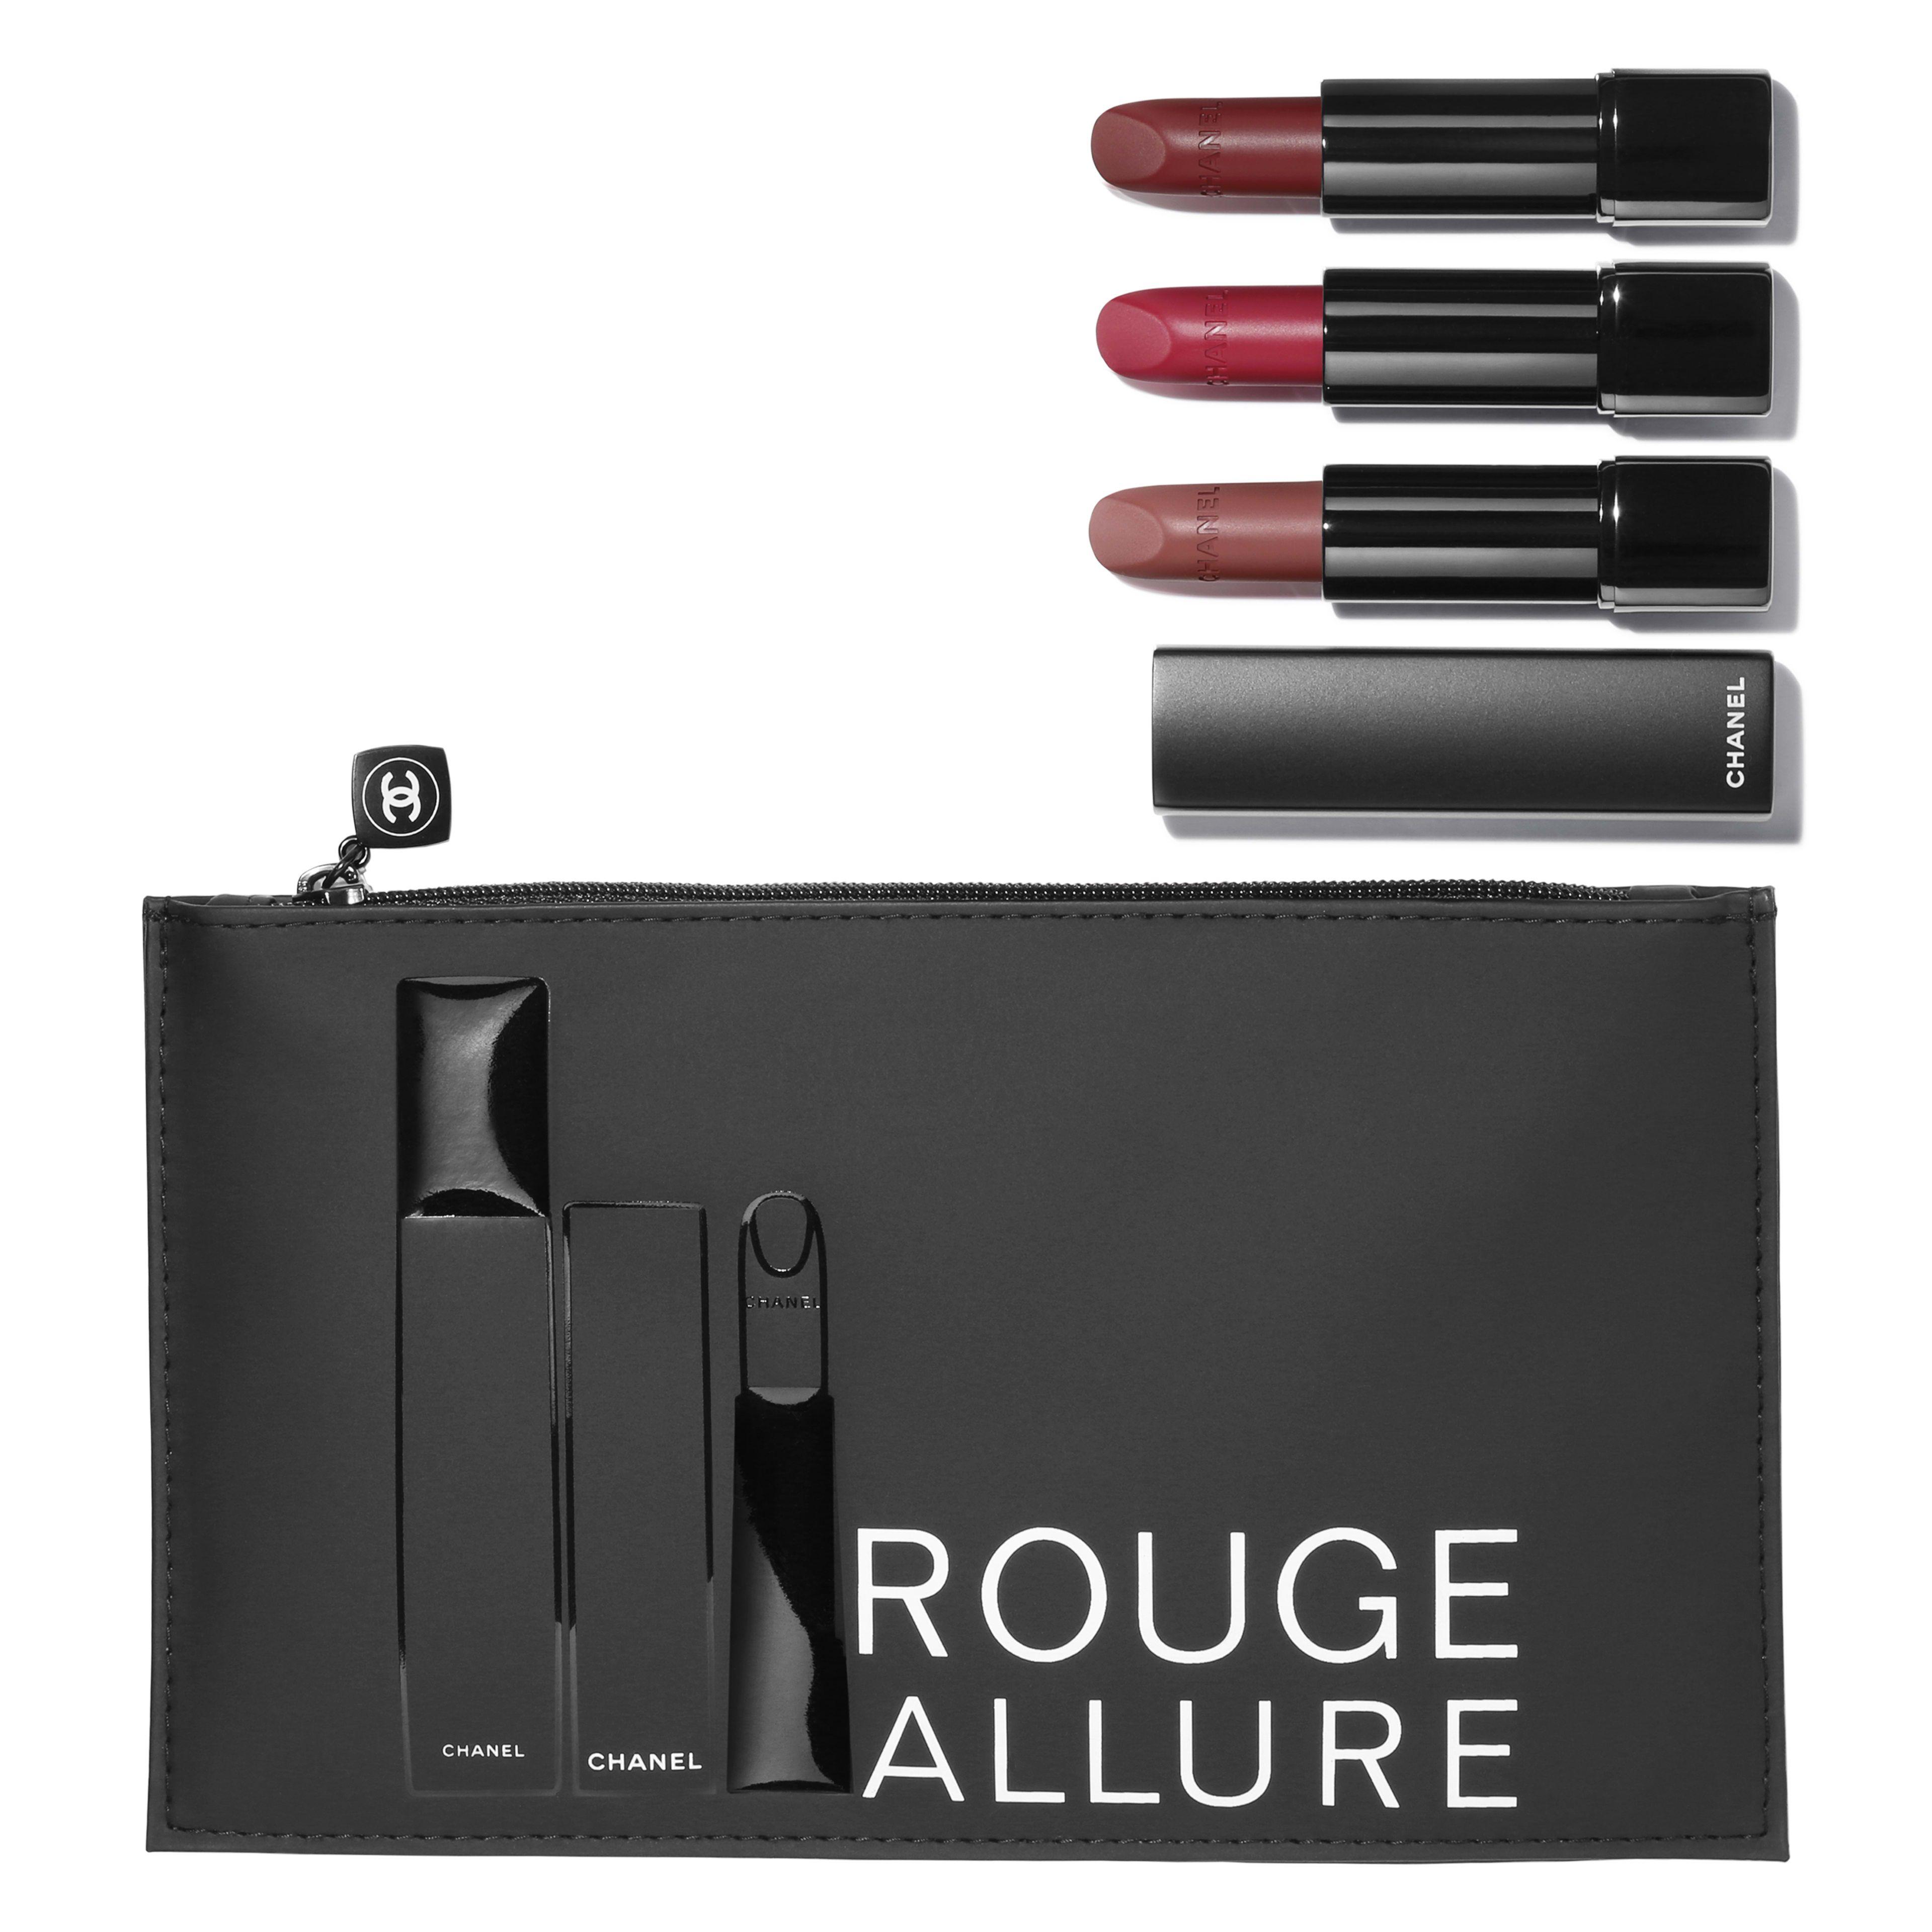 ROUGE ALLURE VELVET EXTRÊME Set CHANEL Makeup gift